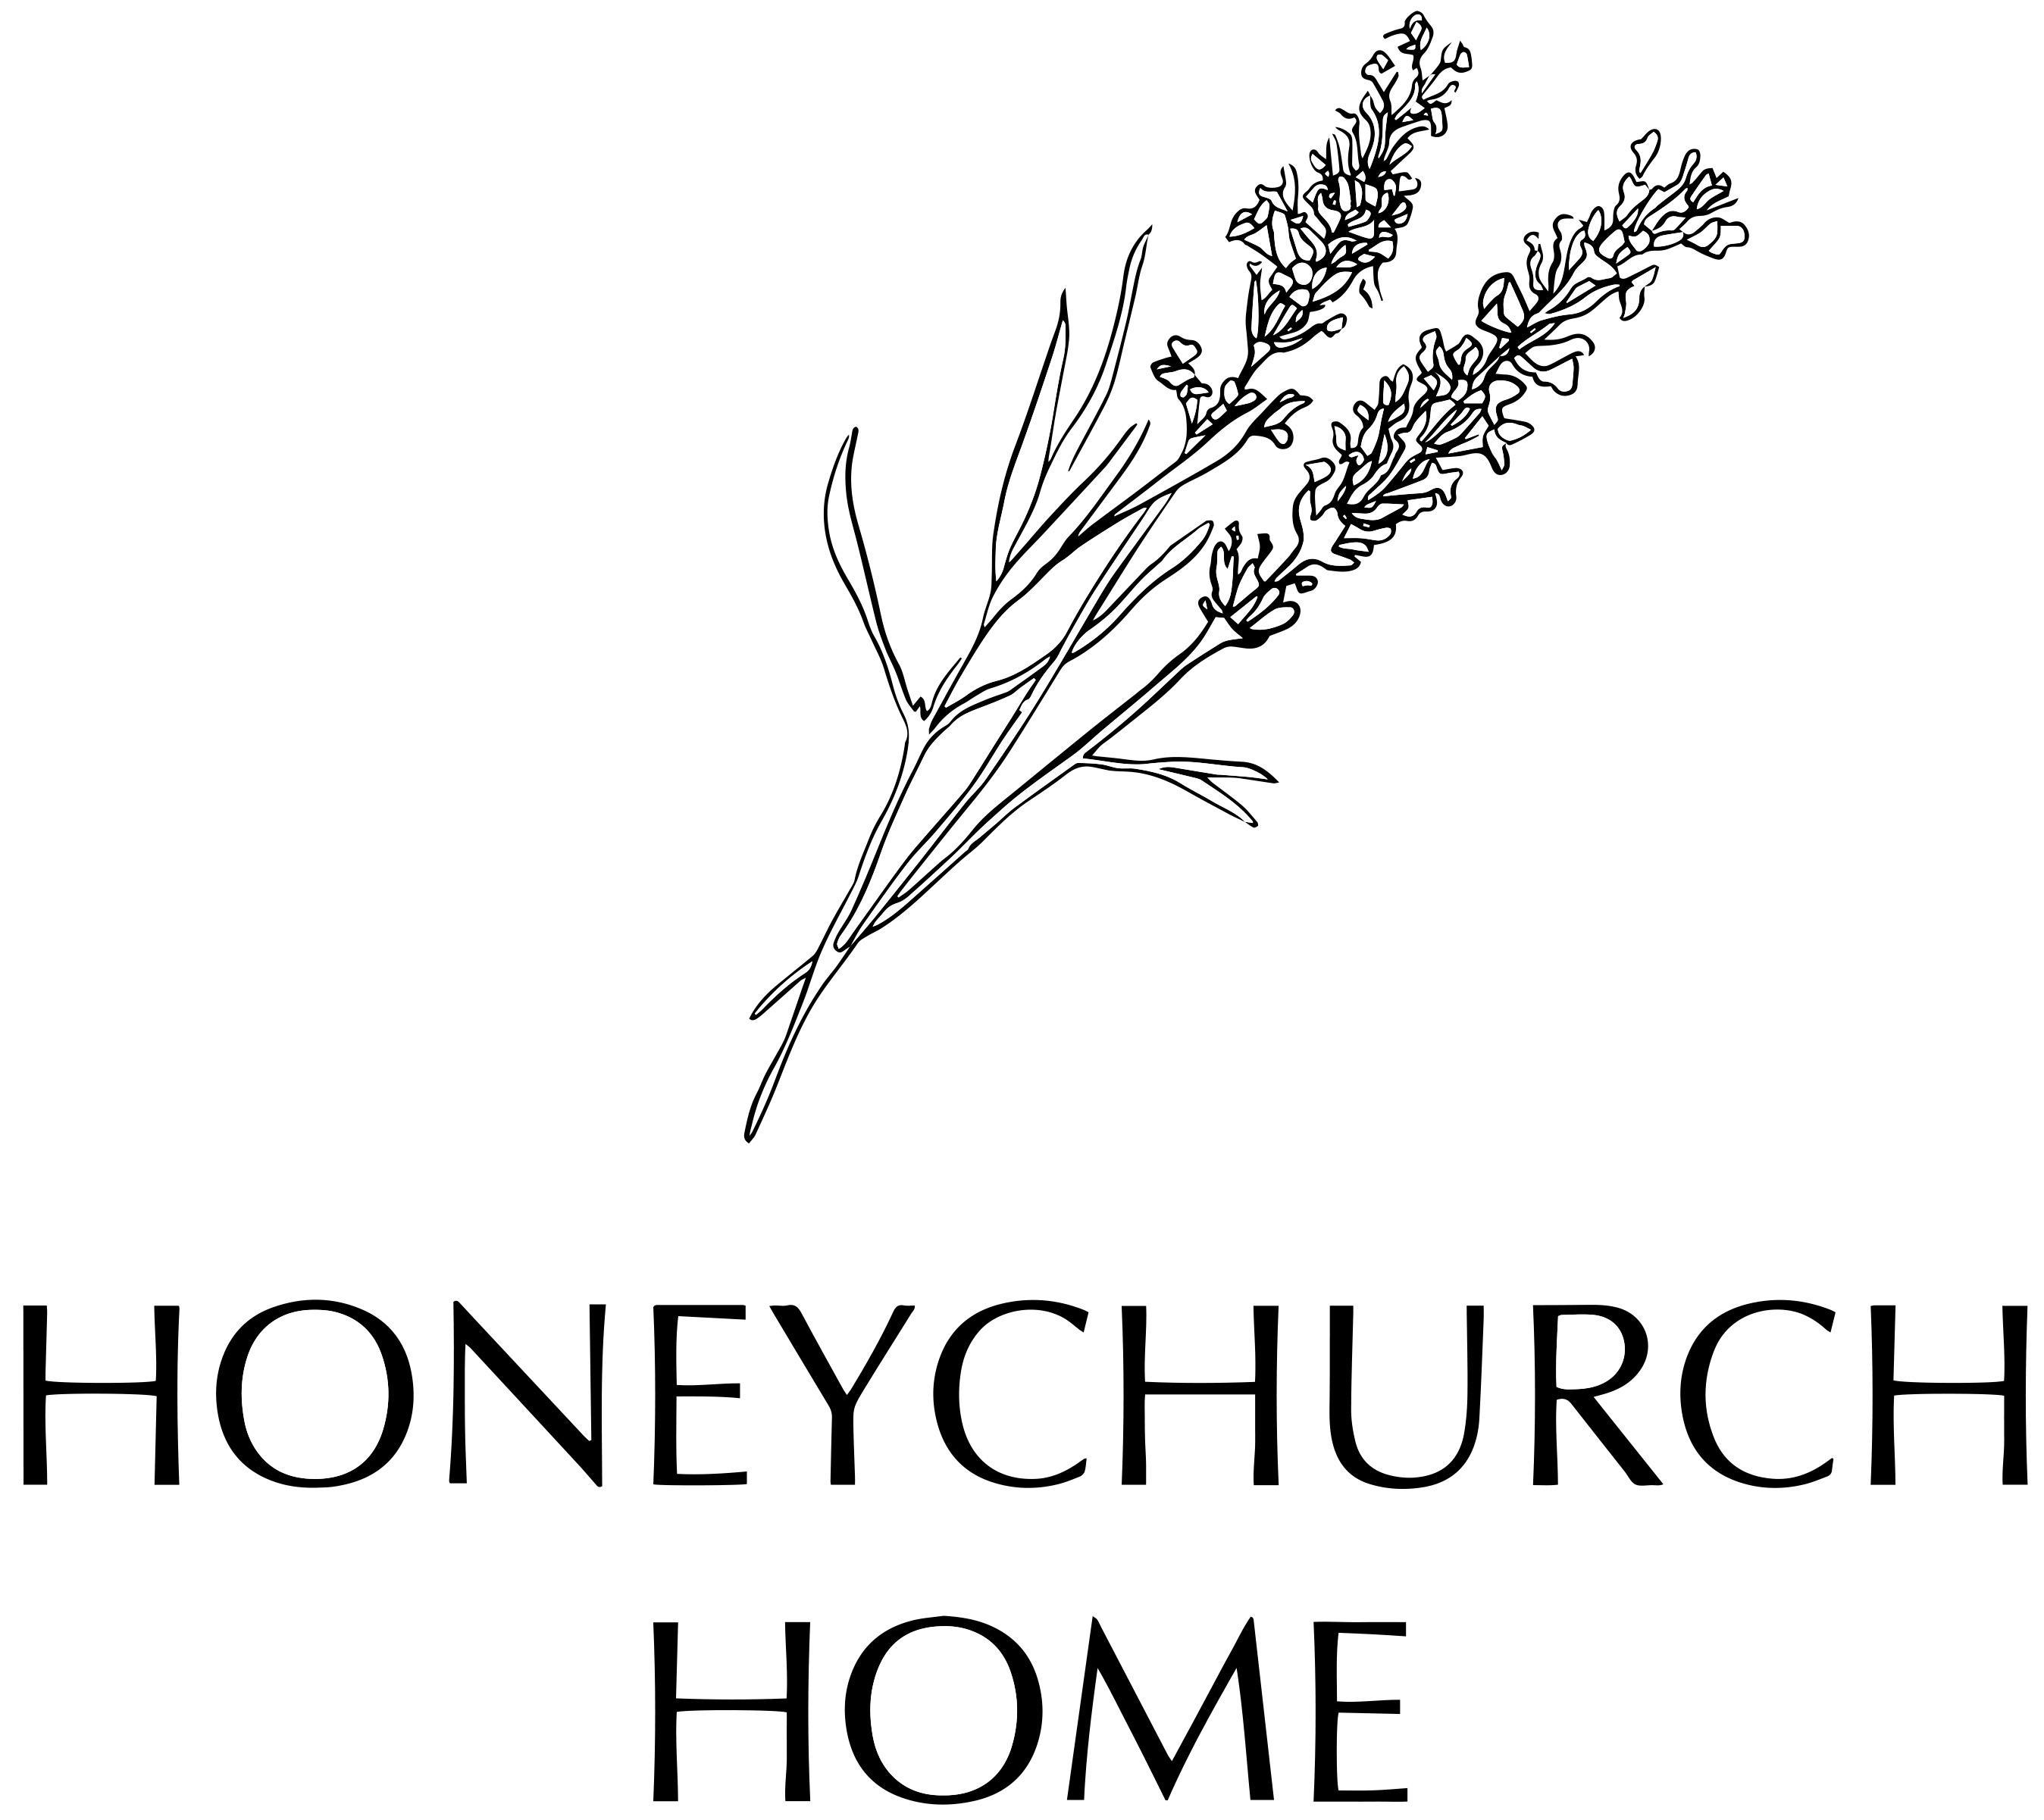 Honeychurch Home